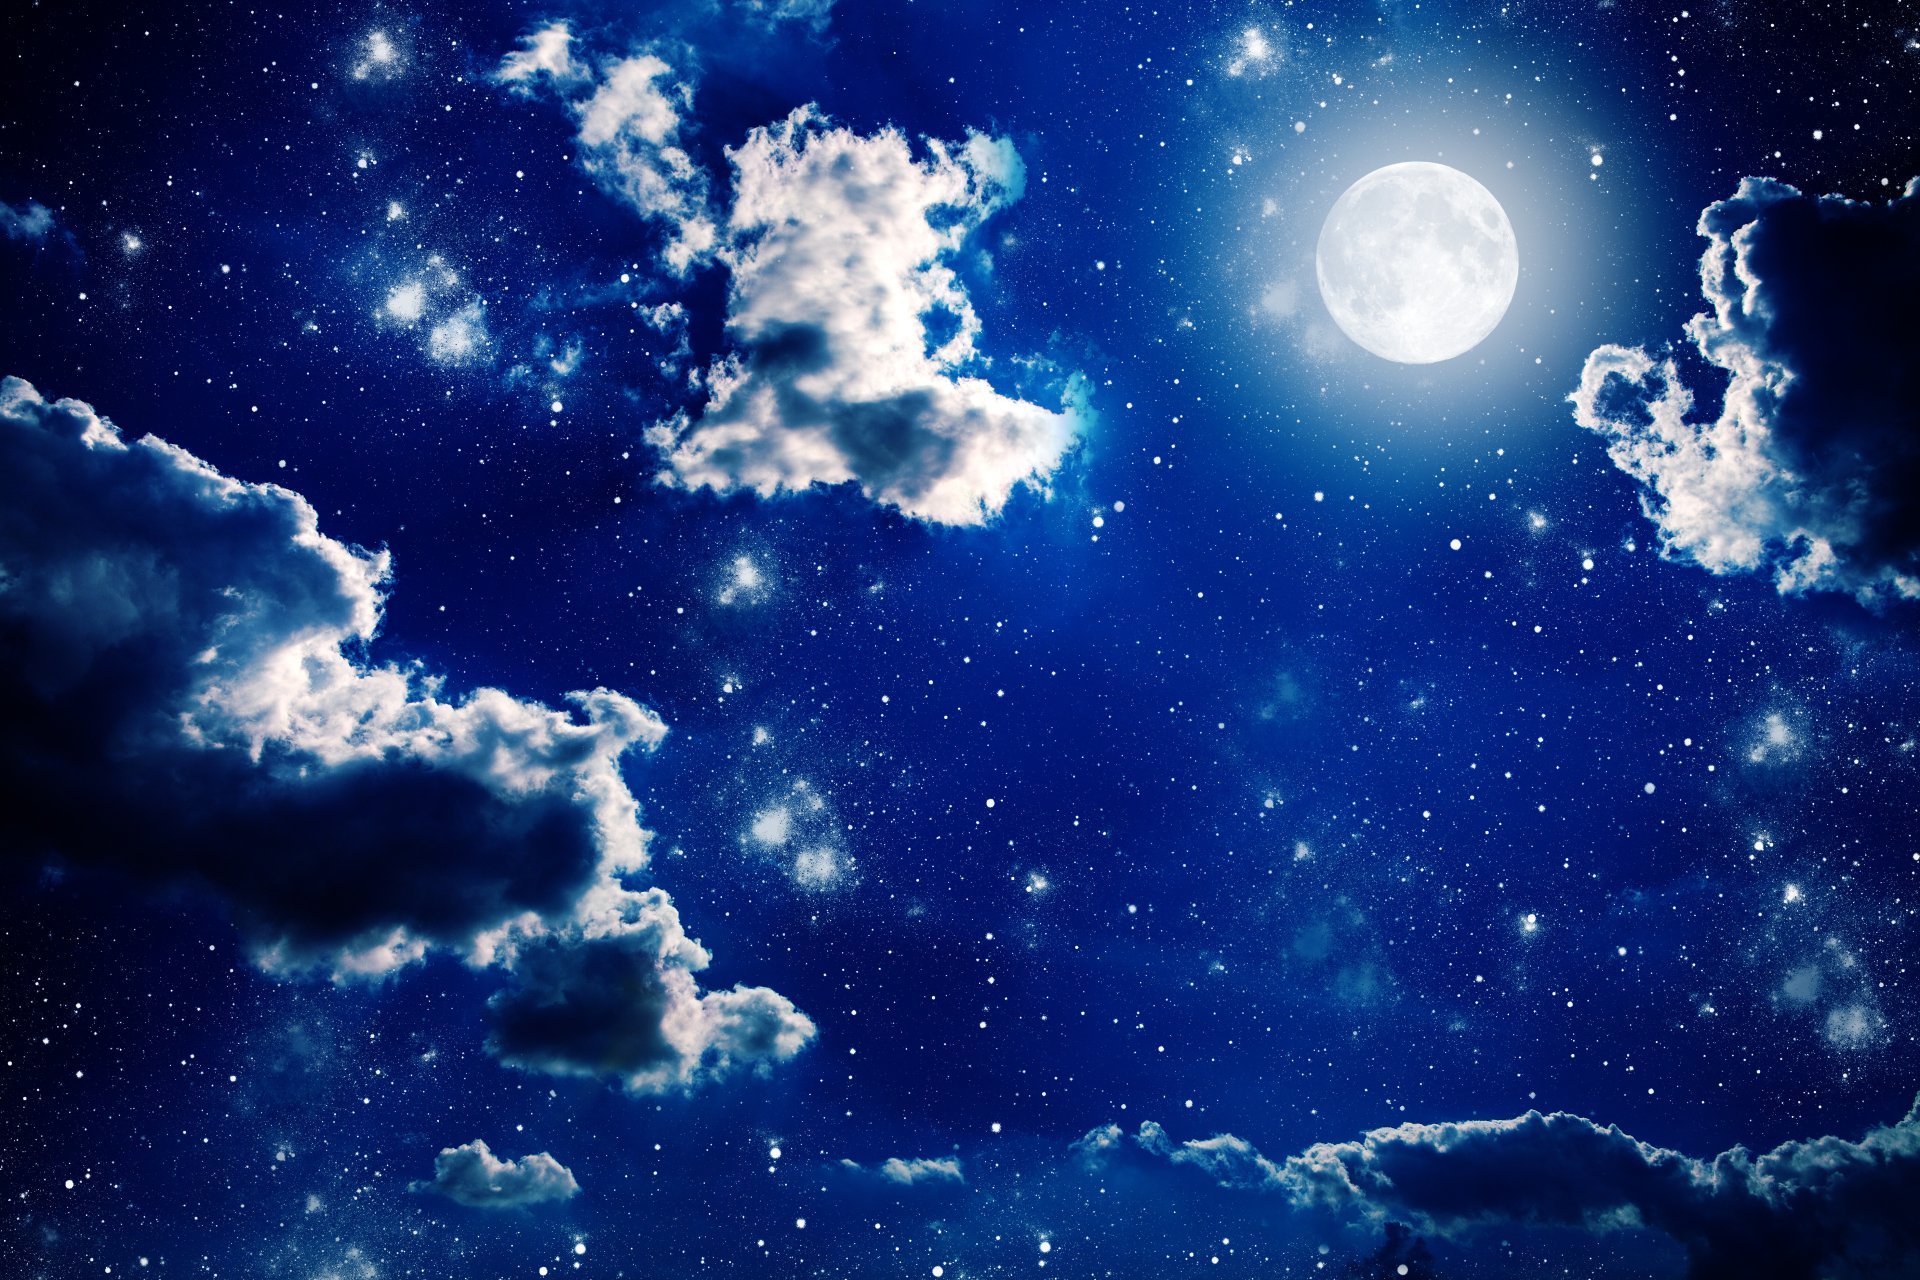 Lune 5k Retina Ultra Fond d'écran HD   Arrière-Plan   5616x3744   ID:771322 - Wallpaper Abyss